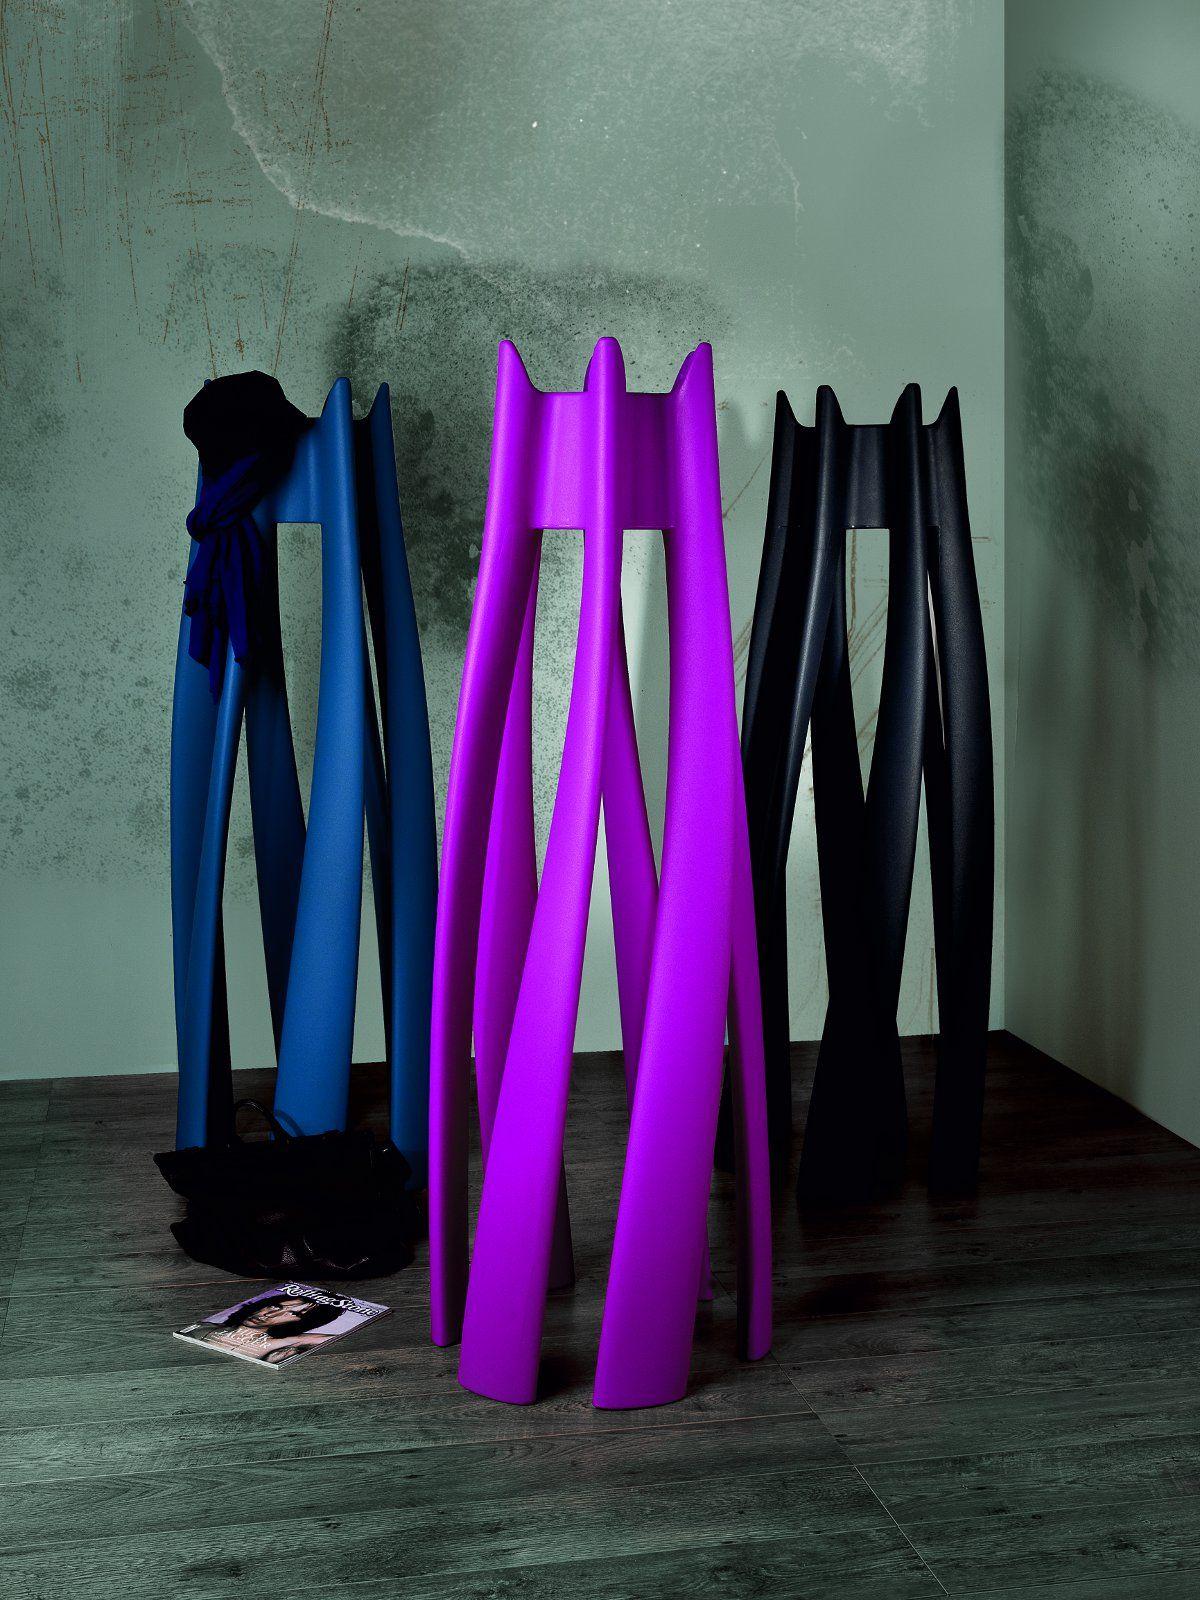 Appendiabiti in polietilene DANGO Collezione Opendoor by TWENTYFIRST   design Italo Pertichini